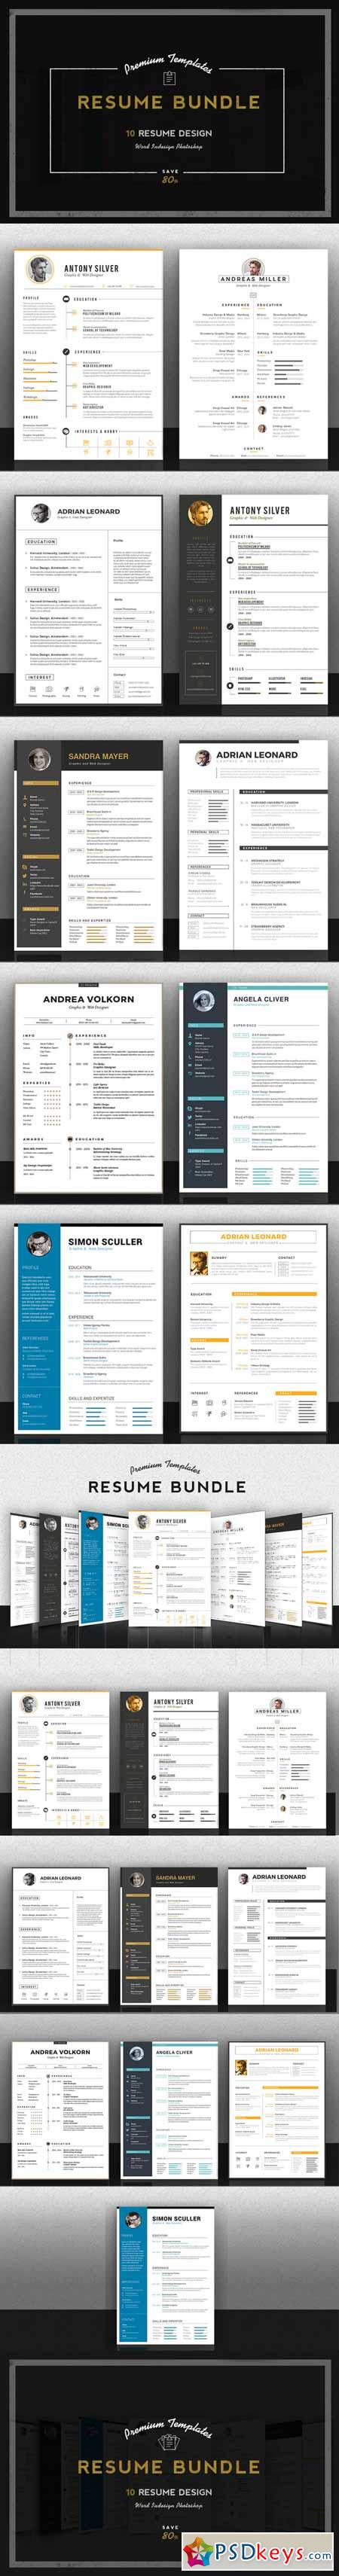 Premium Resume Bundle 371242